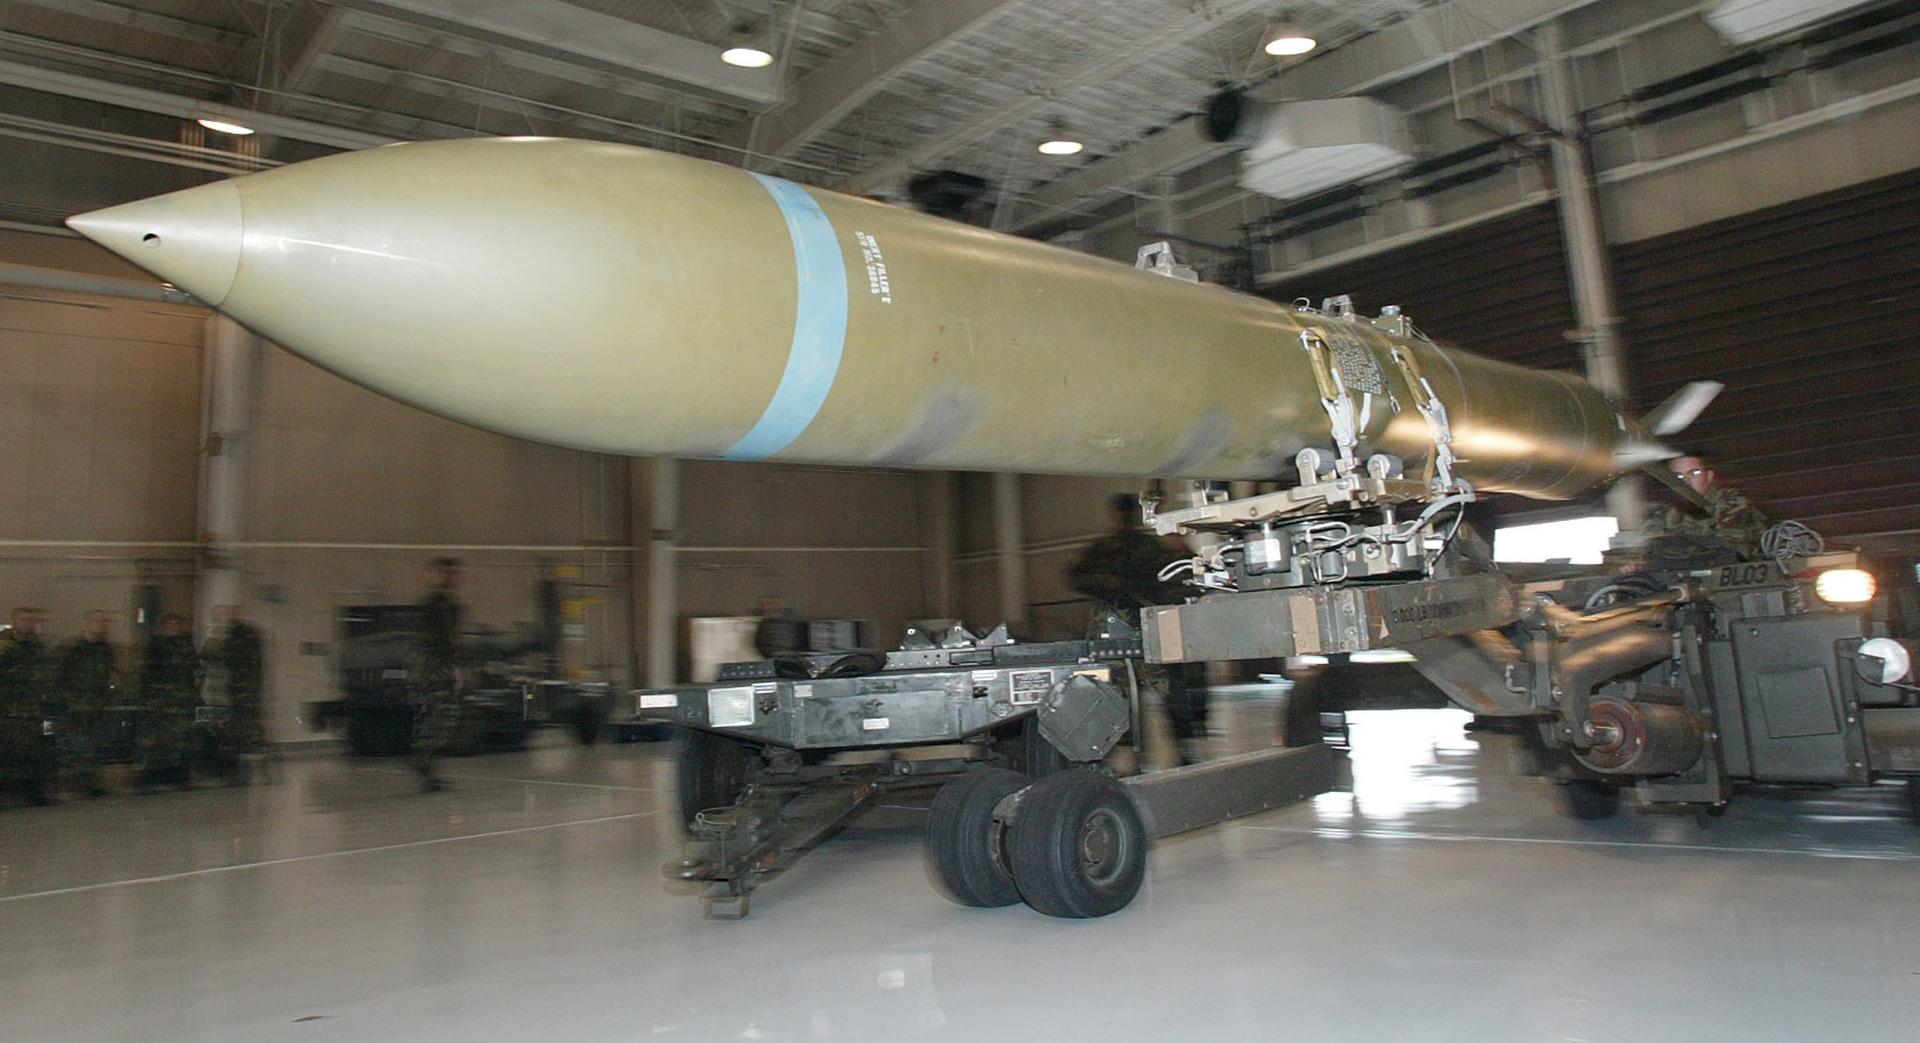 قنبلة من نوع GBU-37 لضرب المواقع المحصنة (صورة من الأرشيف)